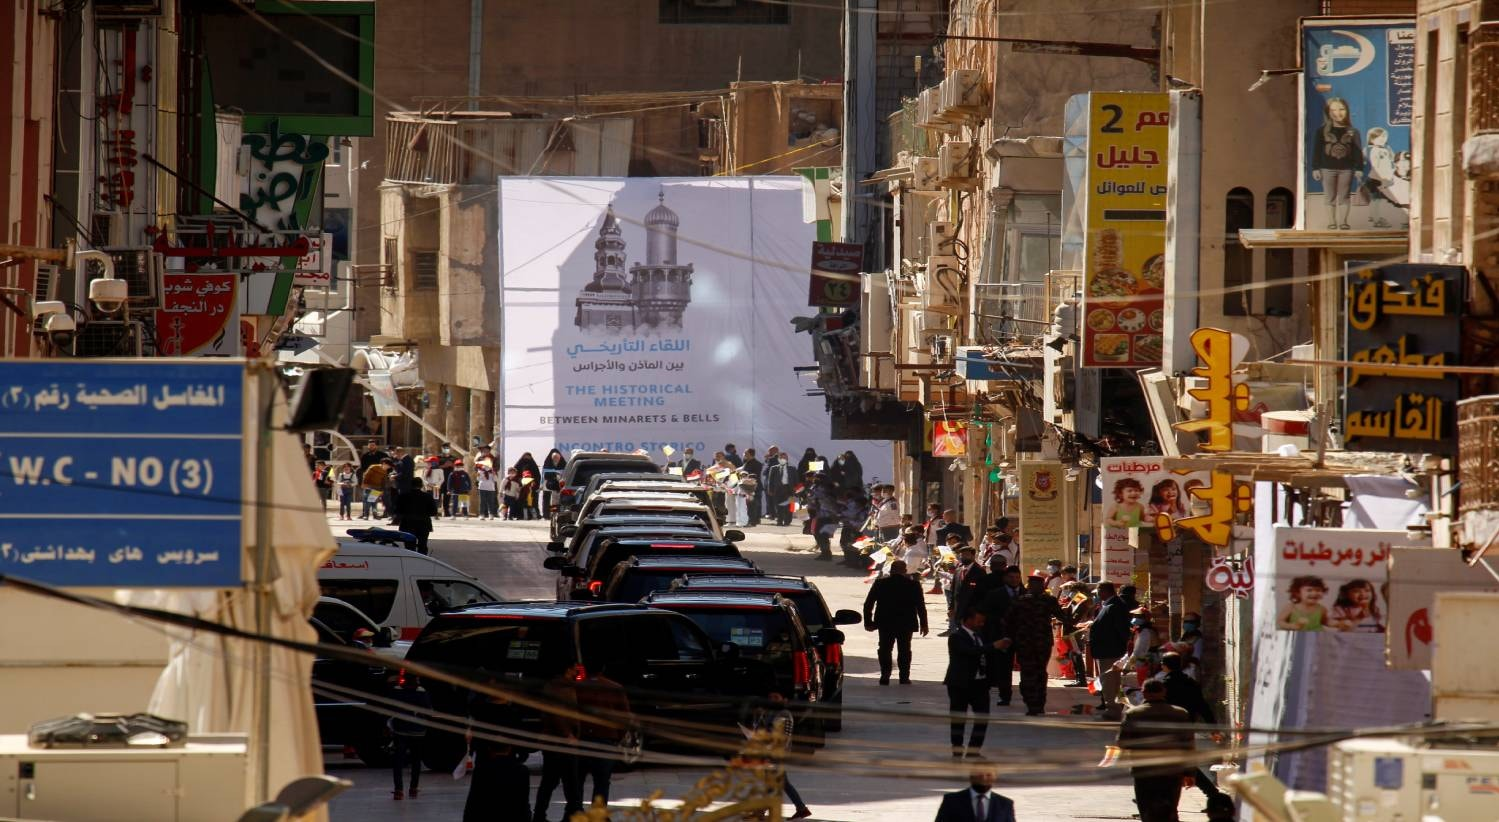 Najaf. Comitiva e segurança do Papa | Alaa Al-Marjani - Reuters